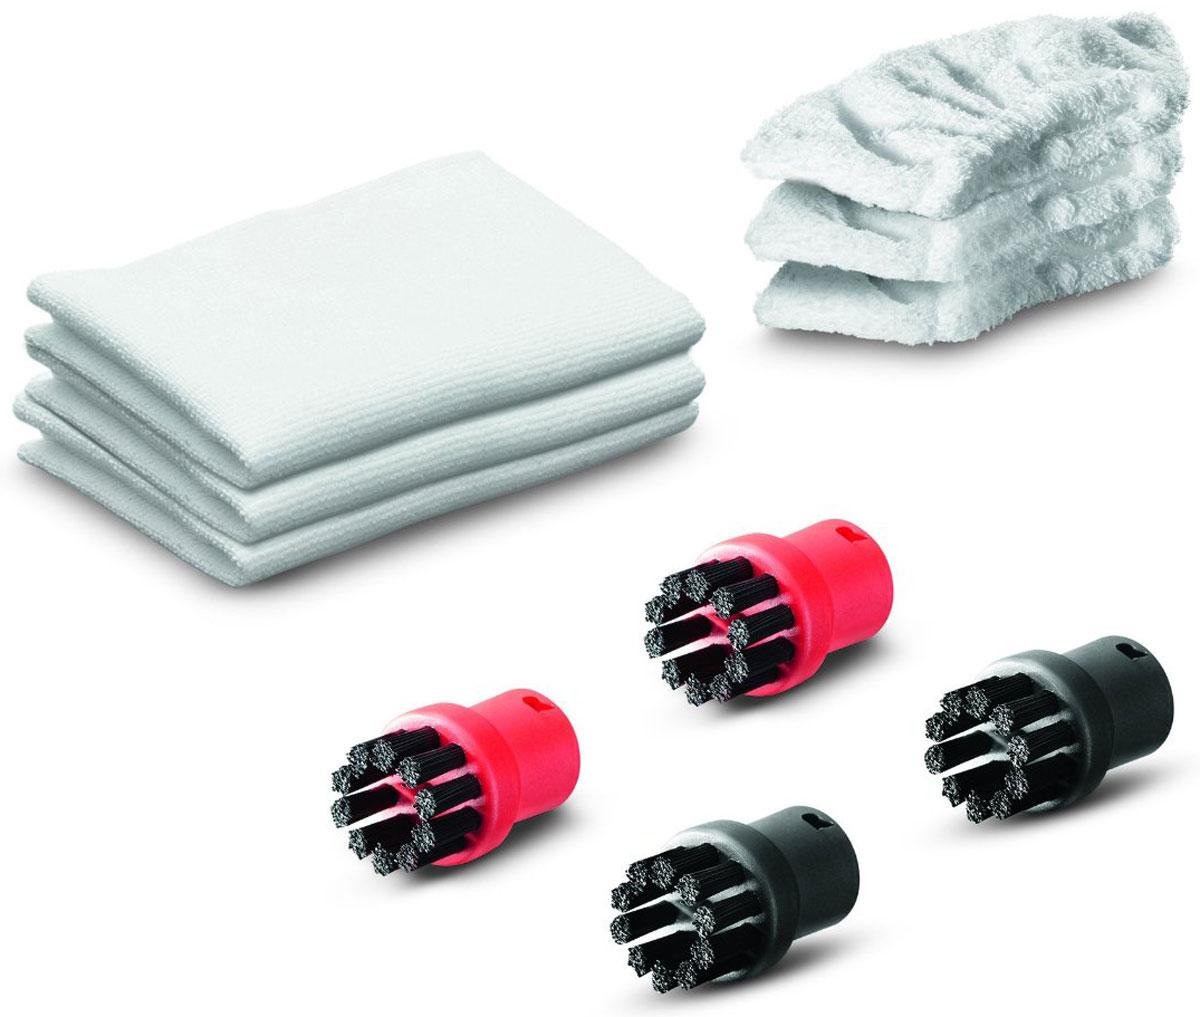 Karcher 28632150 набор аксессуаров для пароочистителя